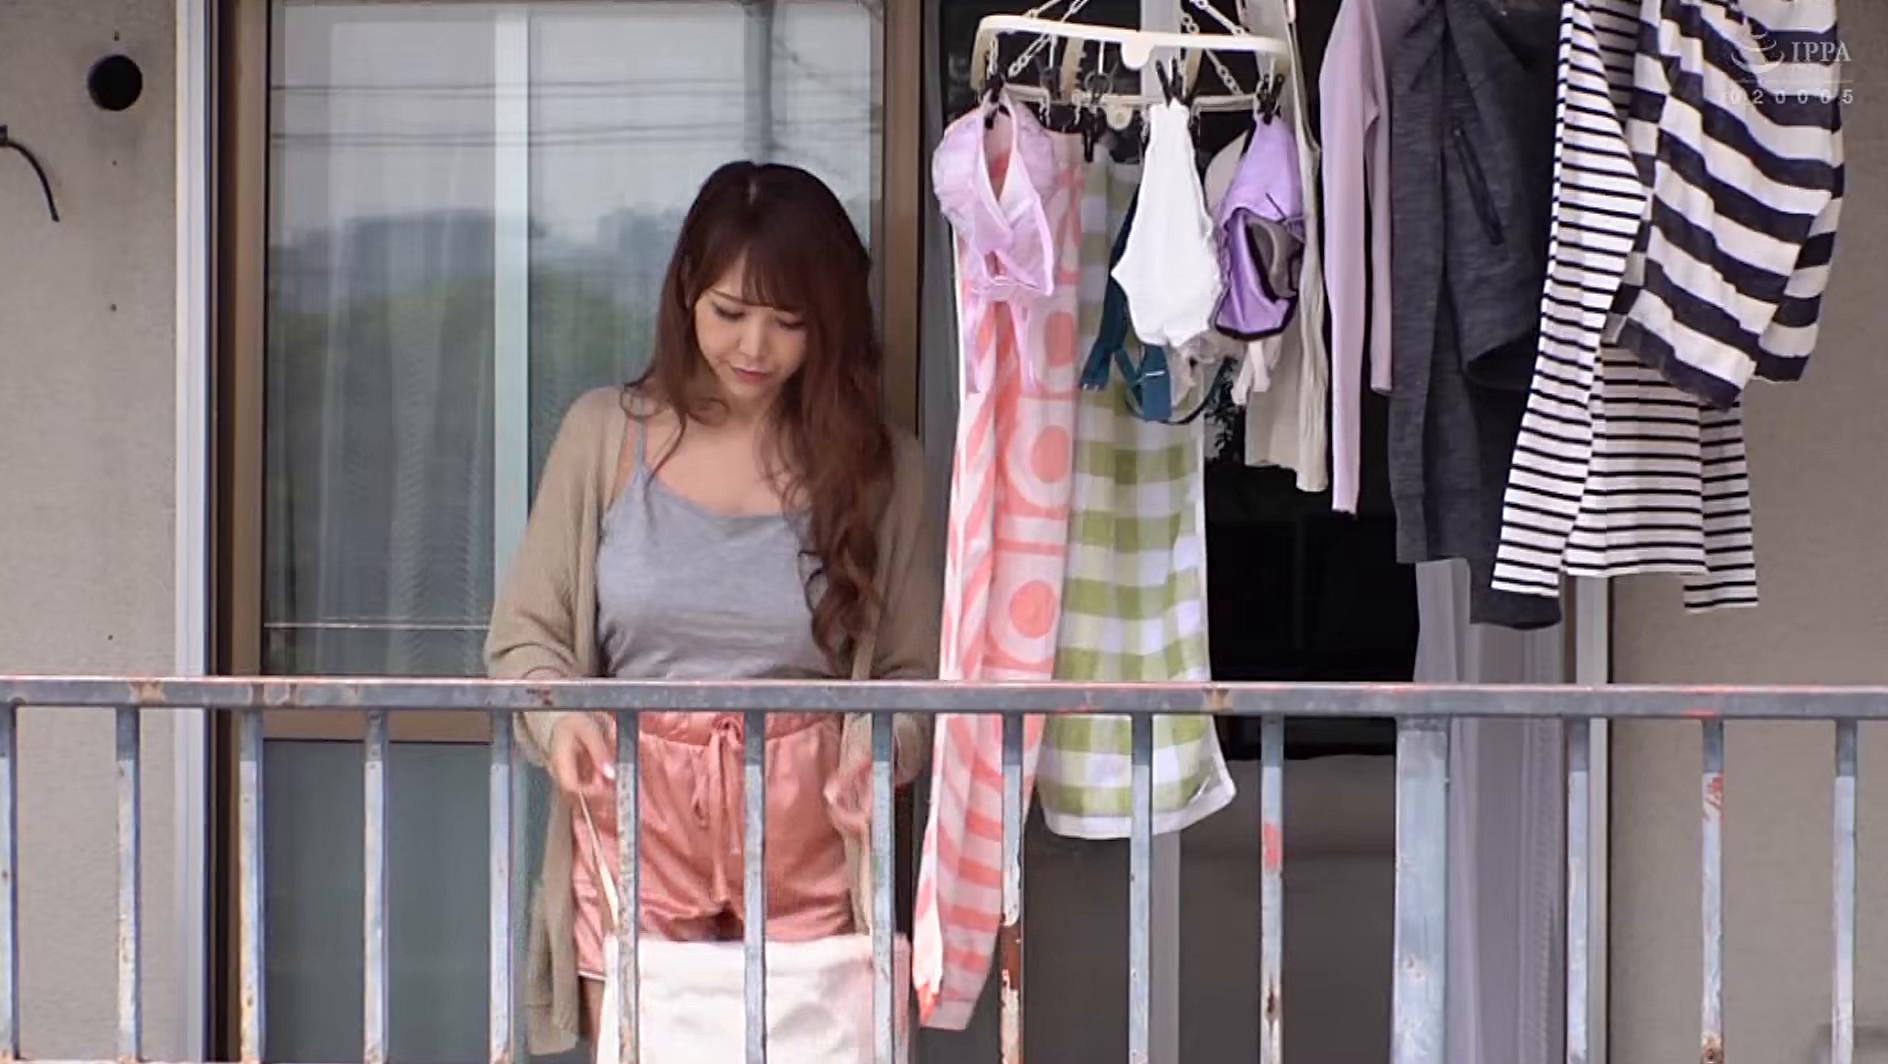 彼氏と喧嘩して部屋の外に閉め出された隣人の巨乳女の薄着姿があまりにもエロいので・・・ 画像1